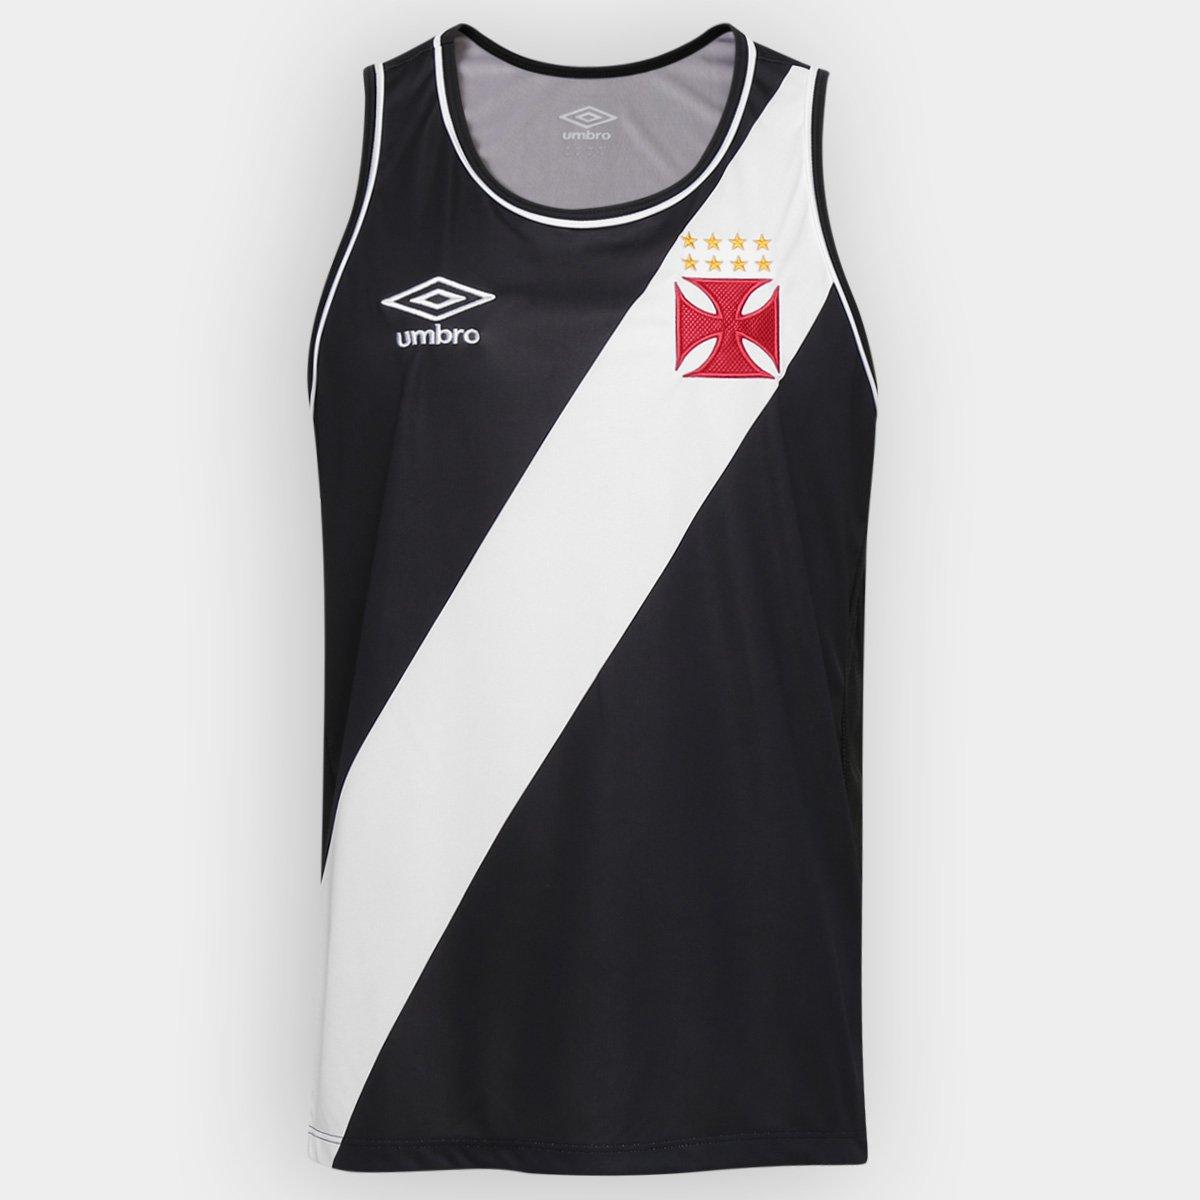 Camiseta Regata Umbro Vasco Basquete Oficial I 2016 - Compre Agora ... 7175a5f1270e0